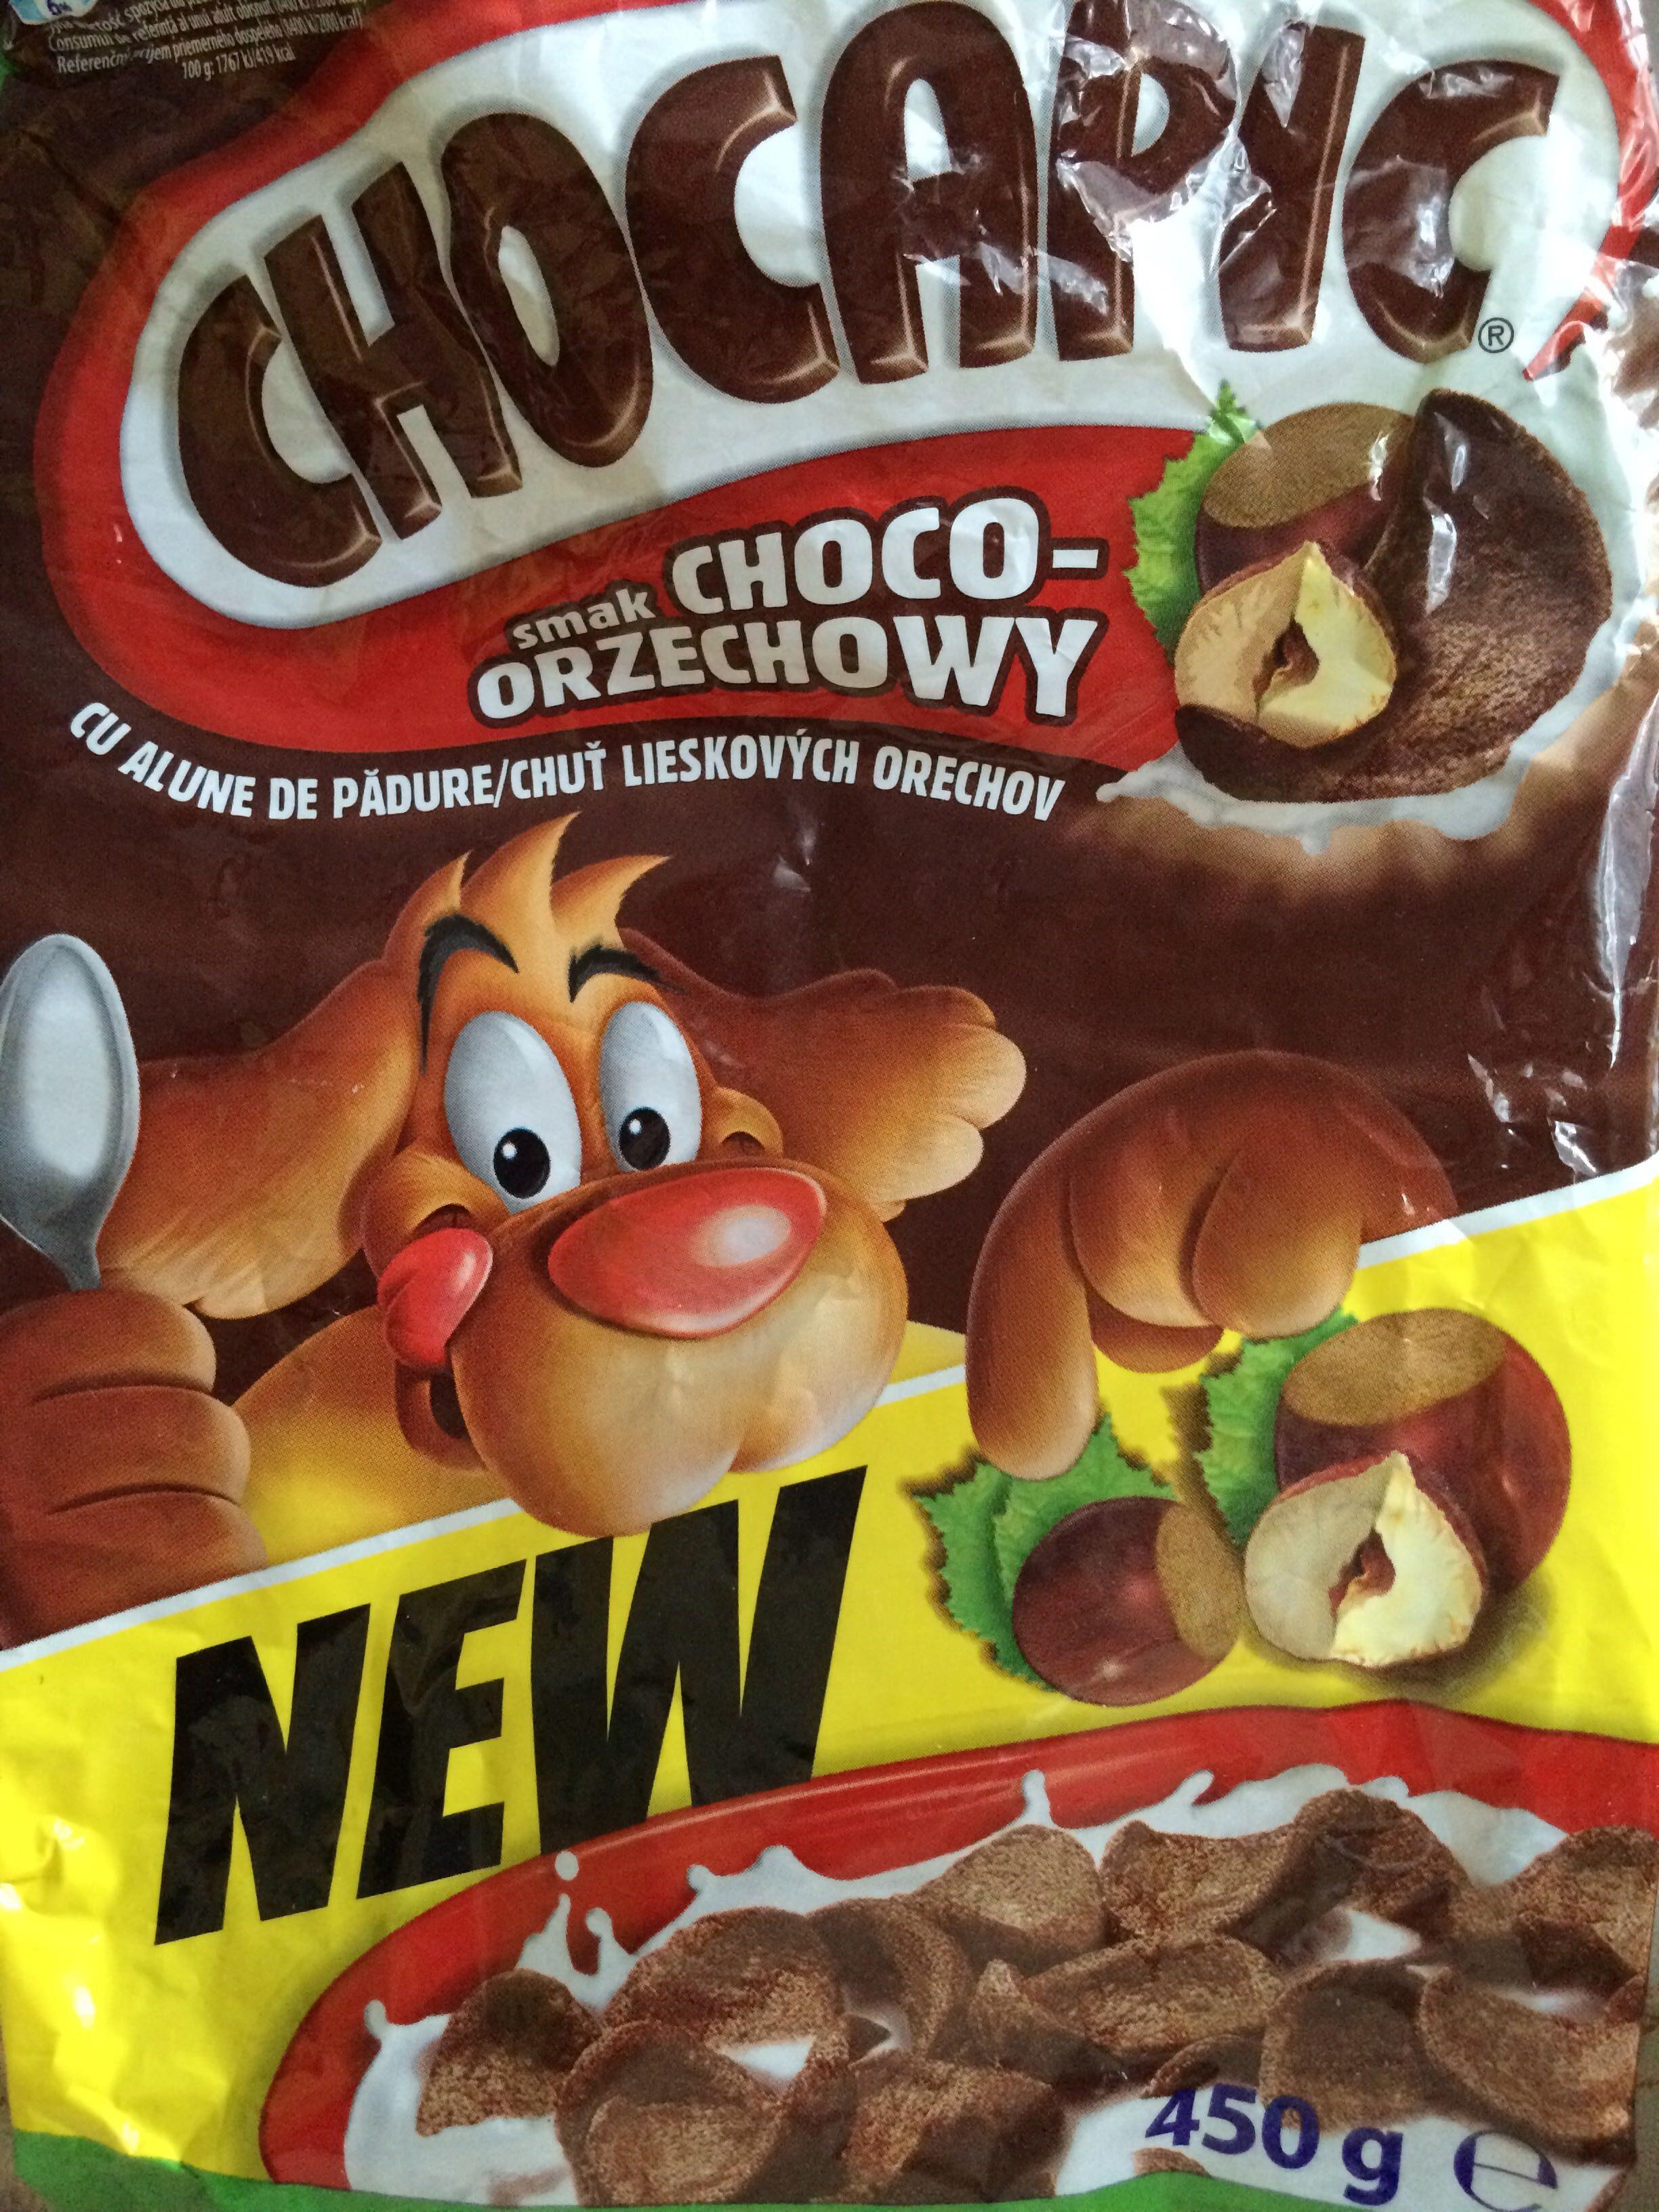 Chocapic - smak choco-orzechowy - Produkt - pl